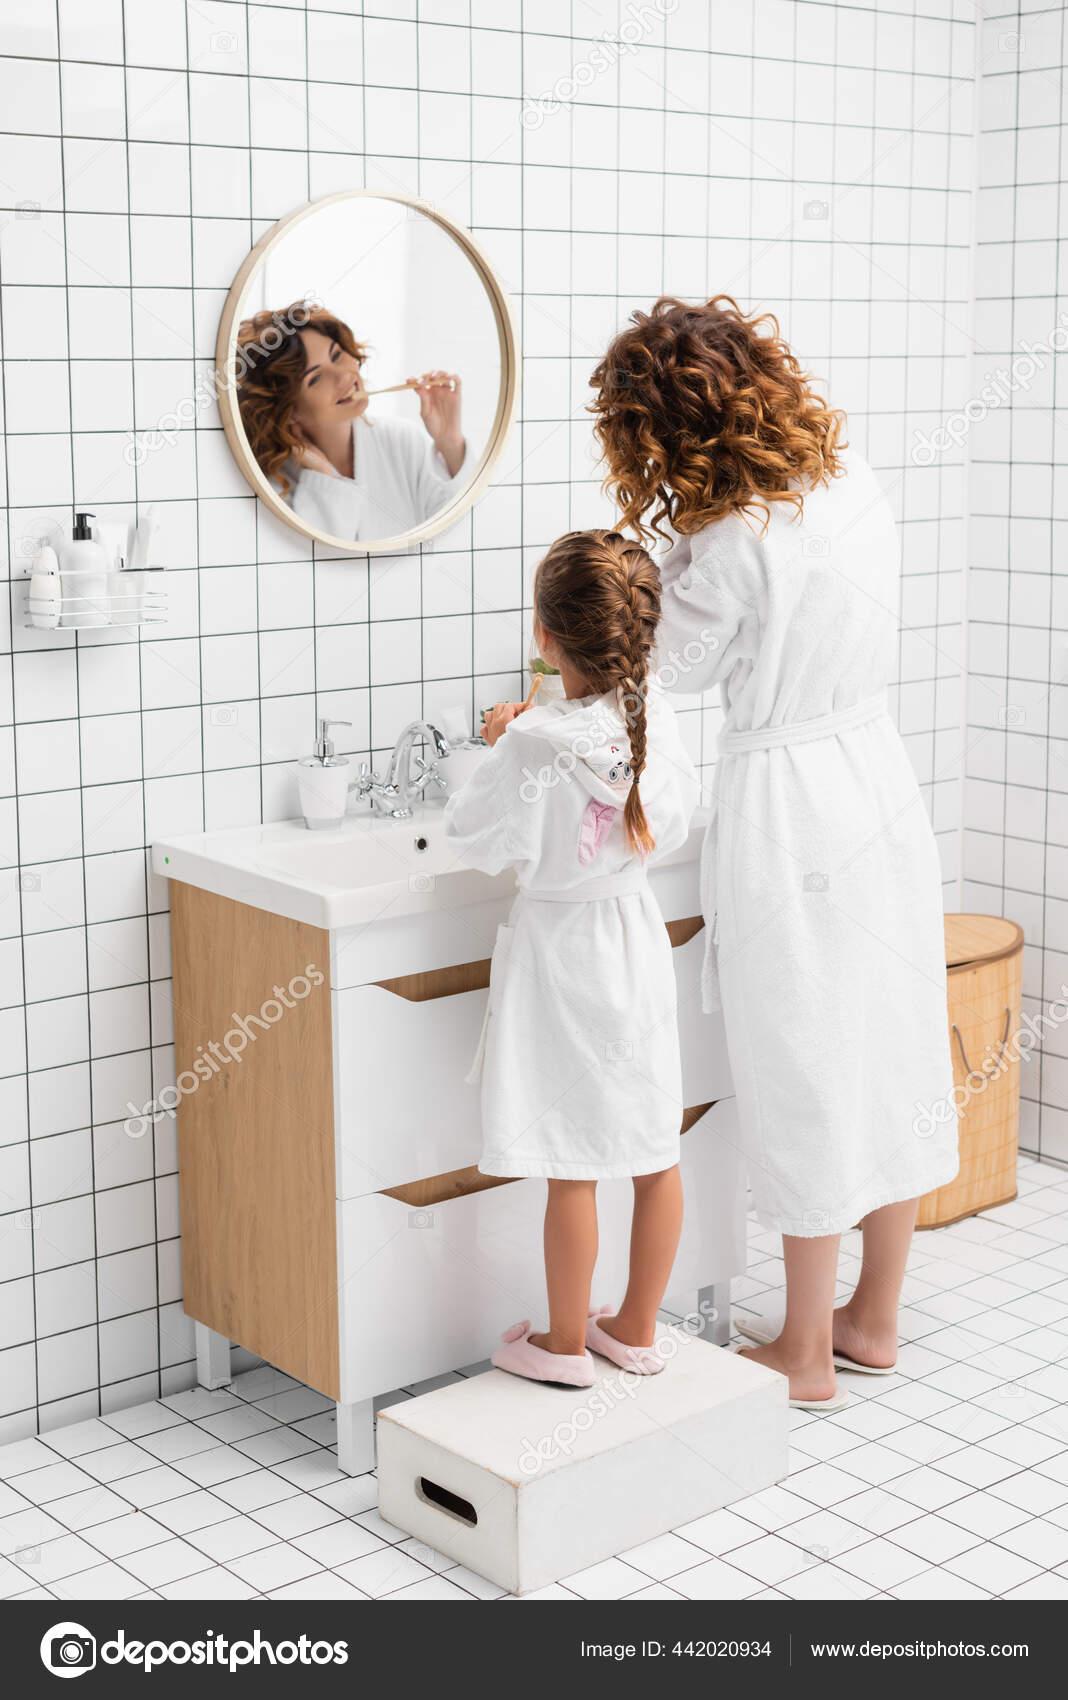 Фитоняшка с интим стрижкой делает эротичные селфи перед зеркалом